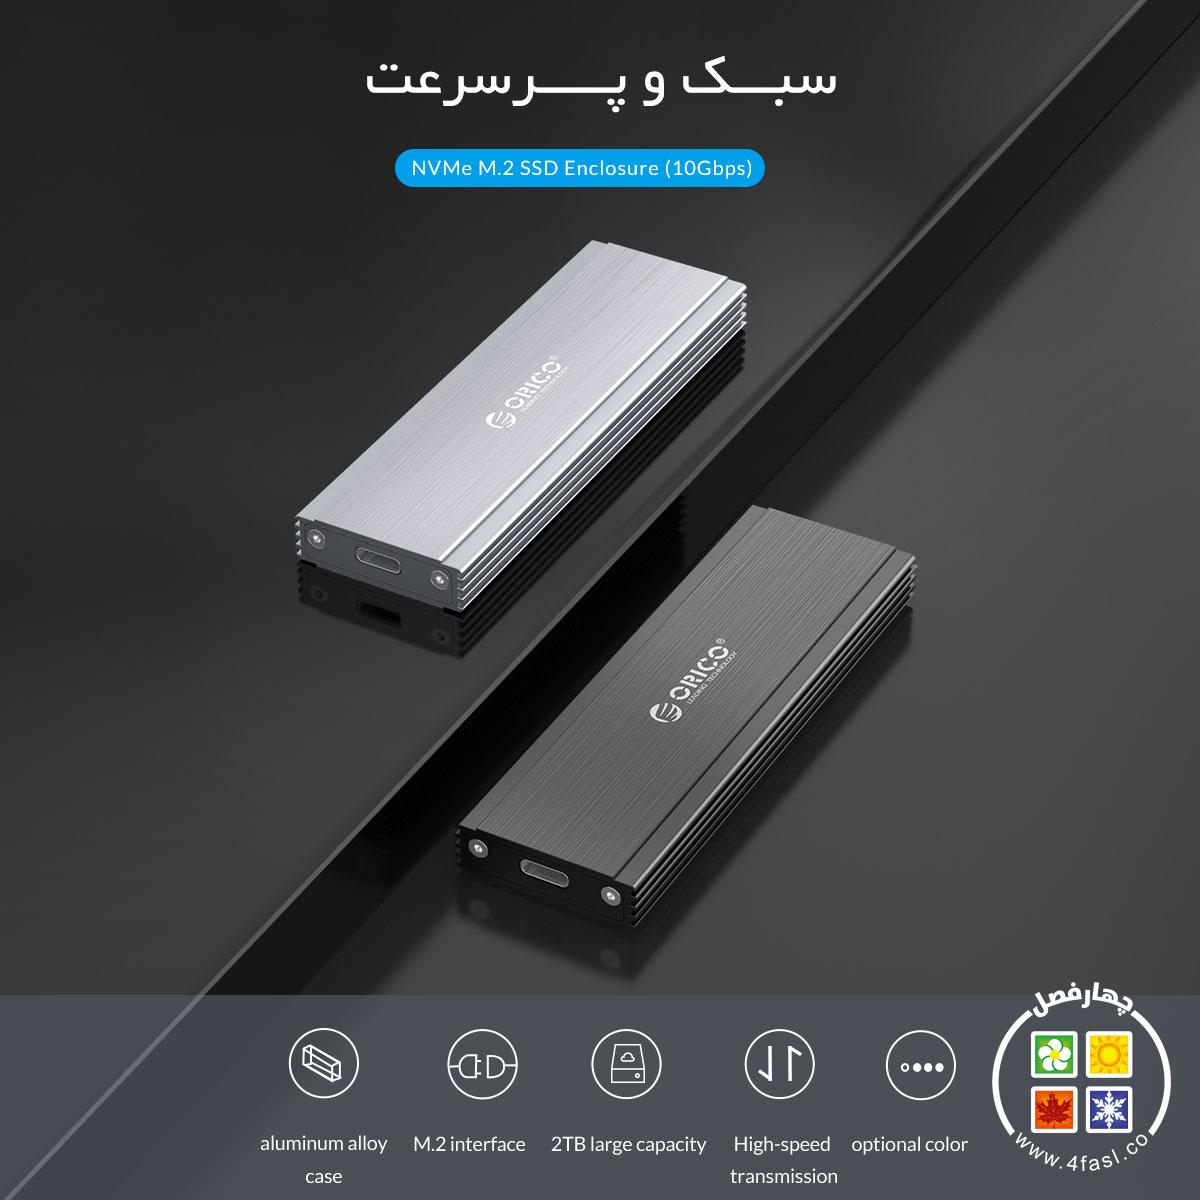 باکس NVMe M.2 SSD